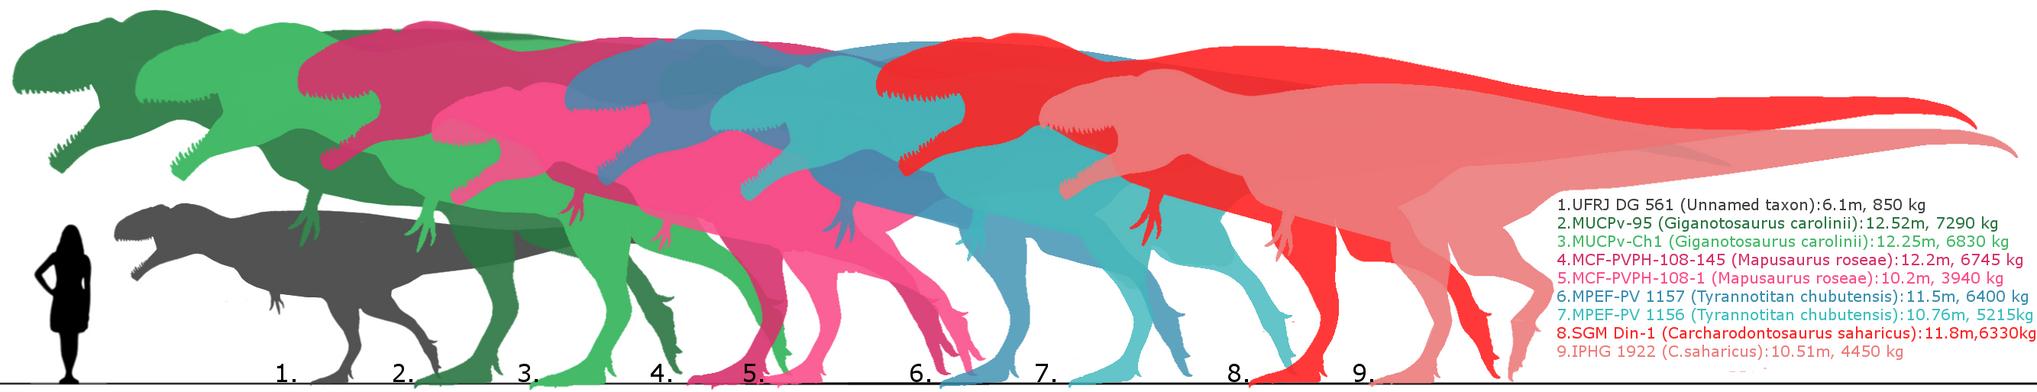 Carcharodontosaurinae specimens. by randomdinos